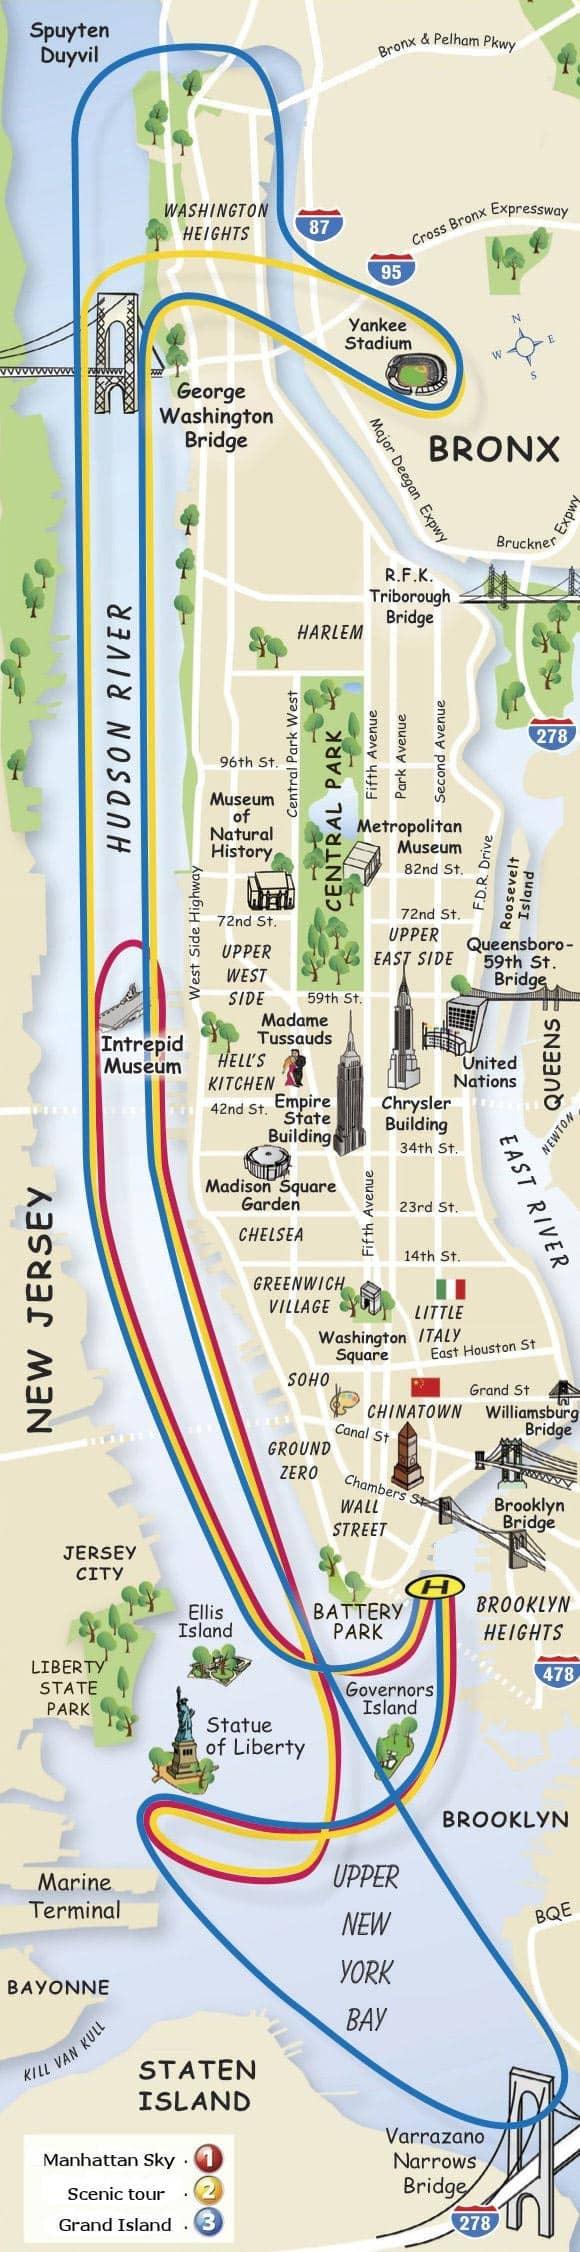 뉴욕 헬리콥터 투어 지도